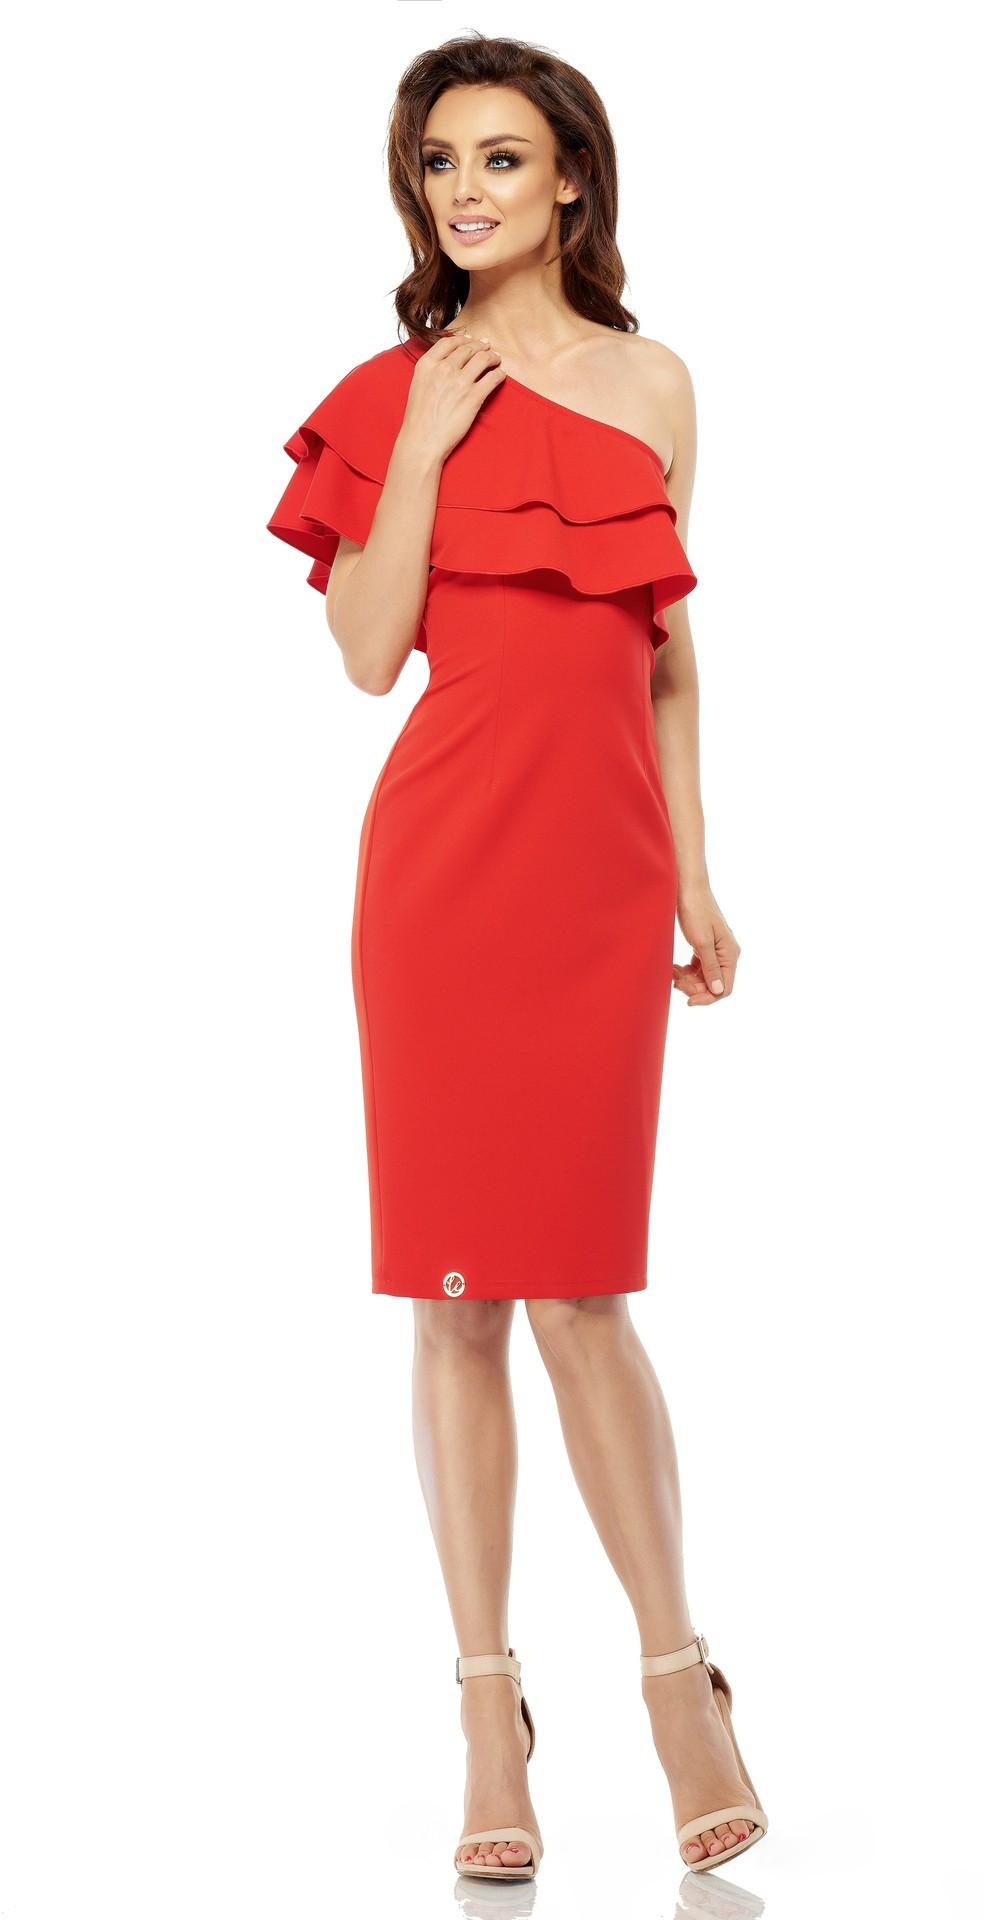 Lemoniade Olśniewająca sukienka na jedno ramię L254 czerwona r. L 1